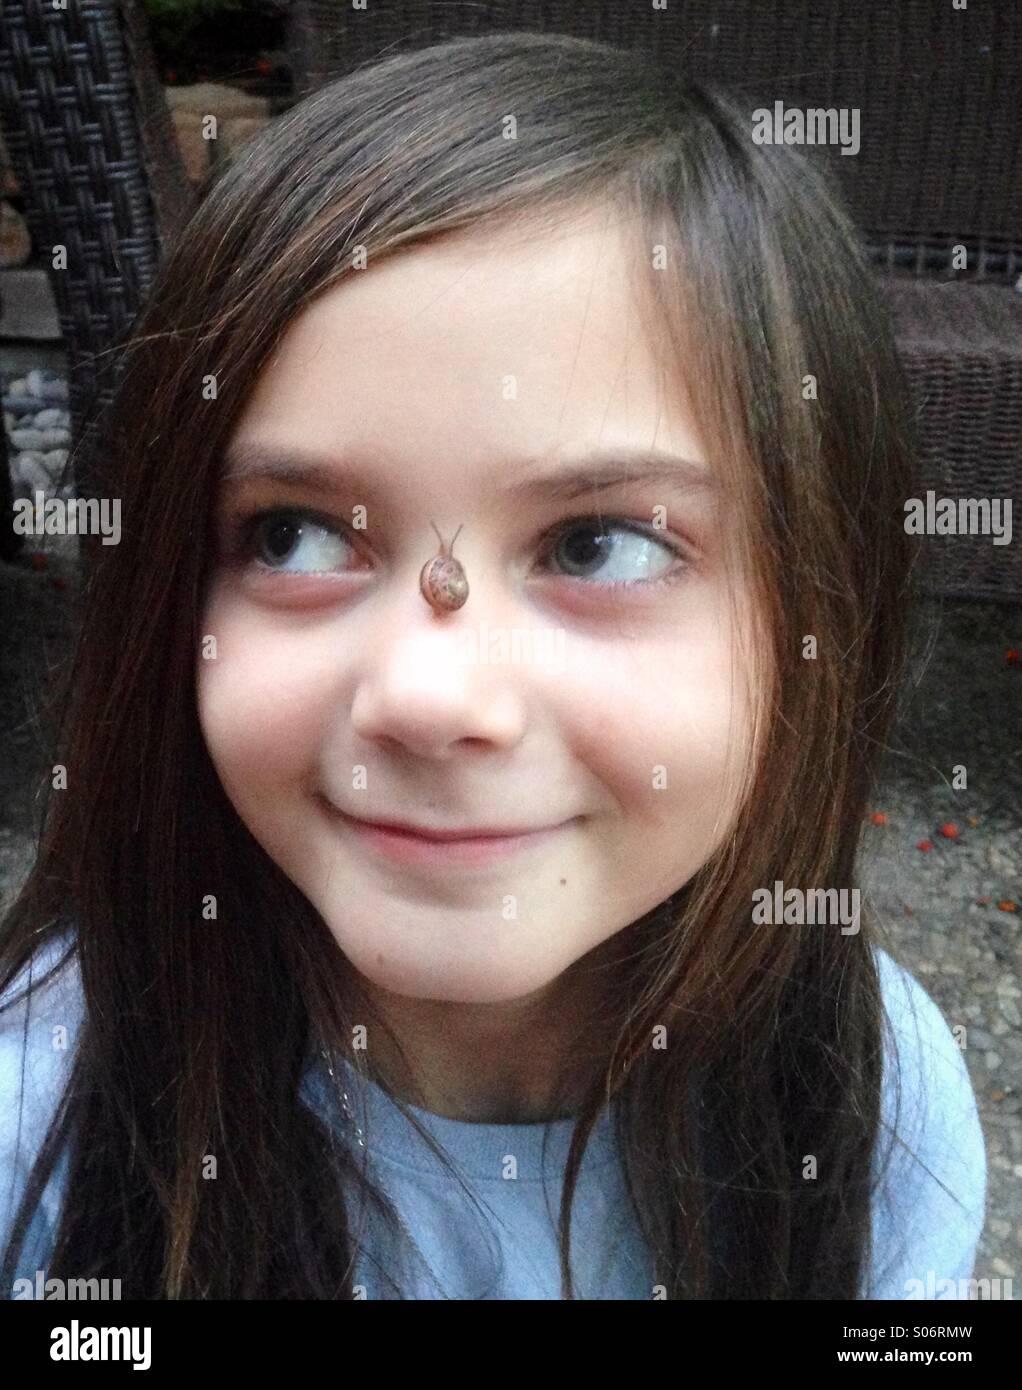 Una giovane ragazza adorabile sorrisi con una piccola lumaca sul naso. Immagini Stock